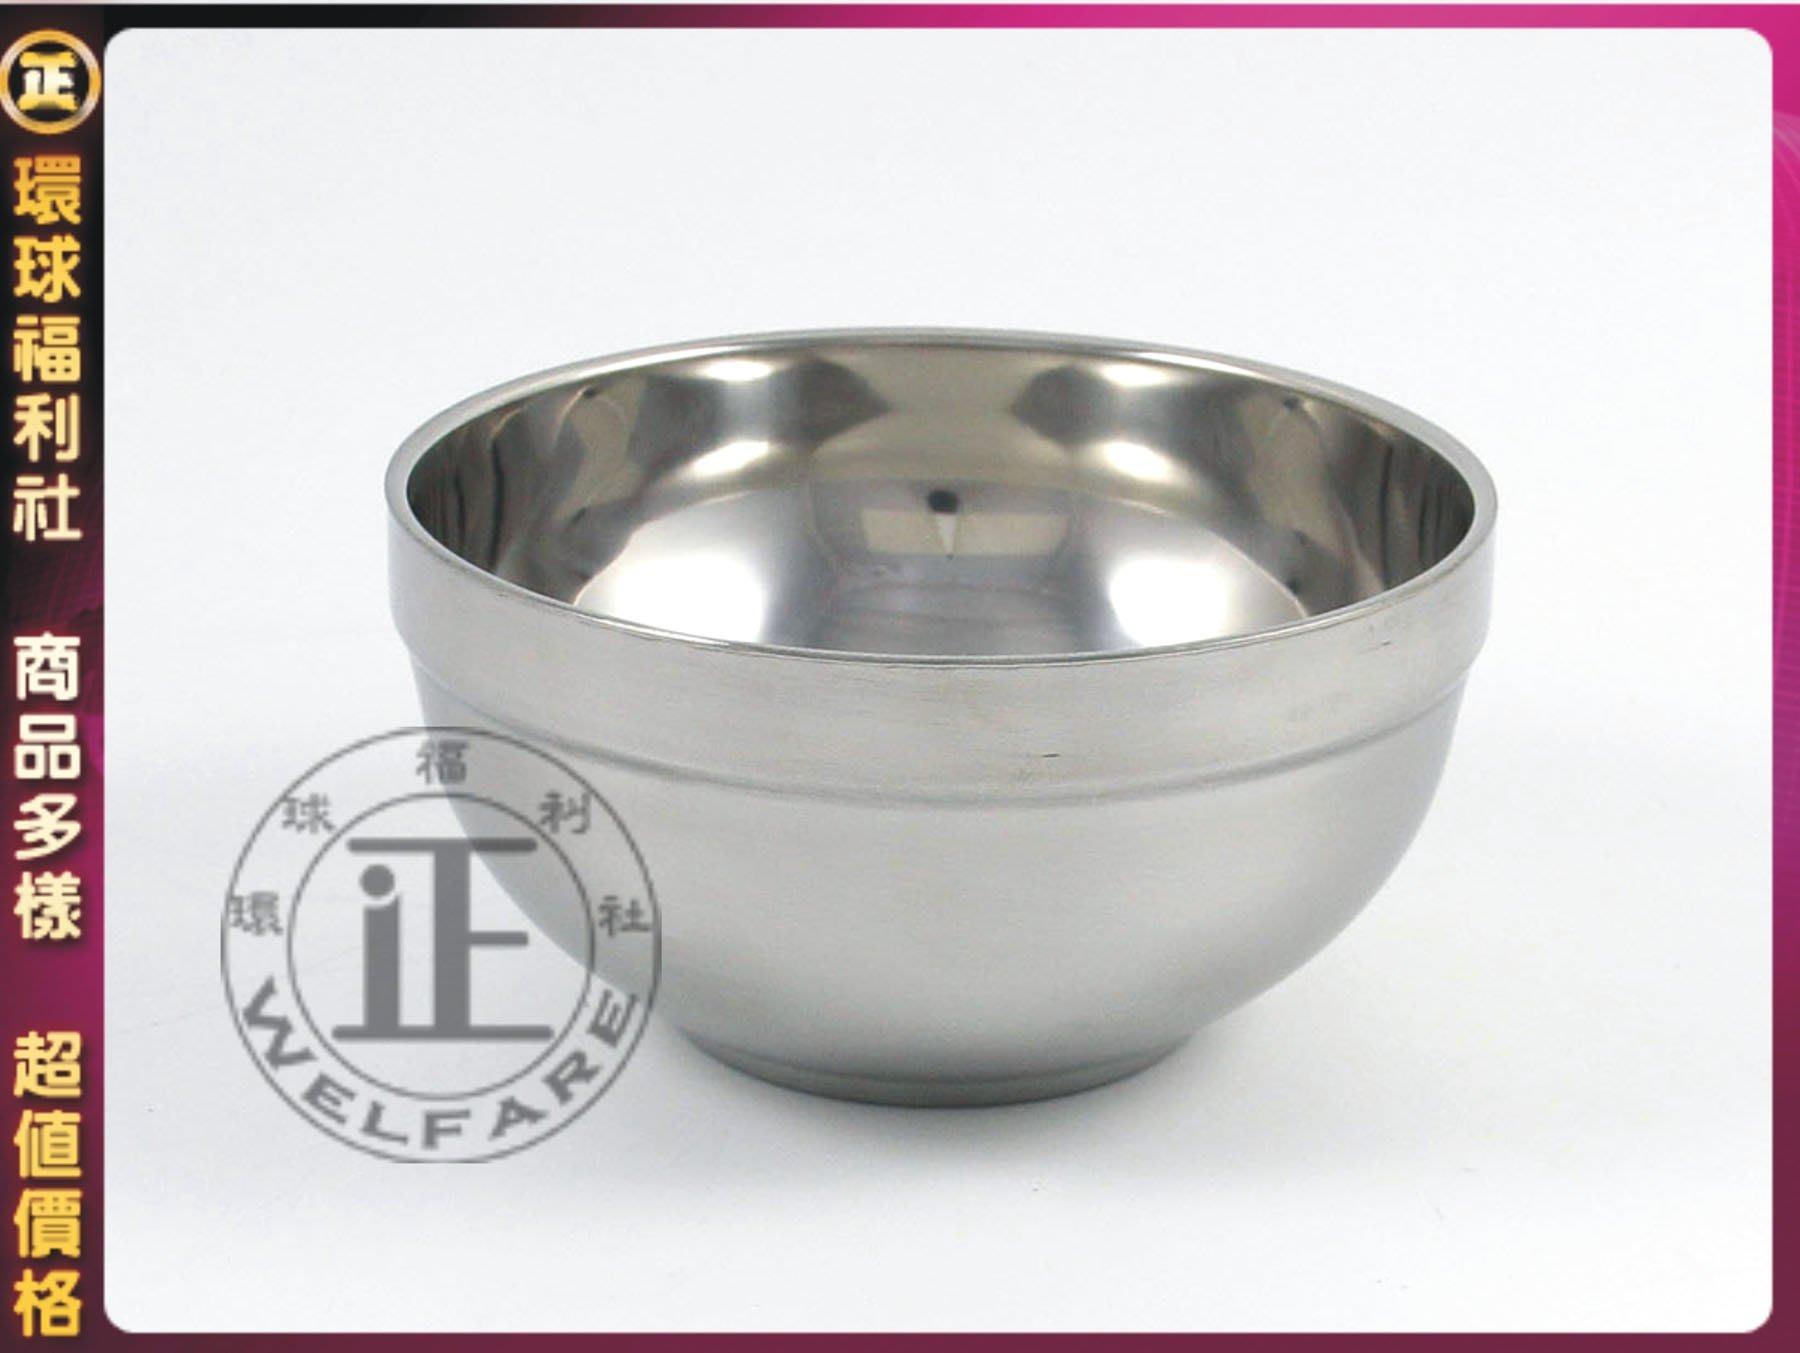 環球ⓐ廚房鍋具☞GS健康碗(14CM)磨砂碗 不鏽鋼碗 調理碗 湯碗 飯碗 兒童碗 隔熱碗 料理碗 台式麵碗